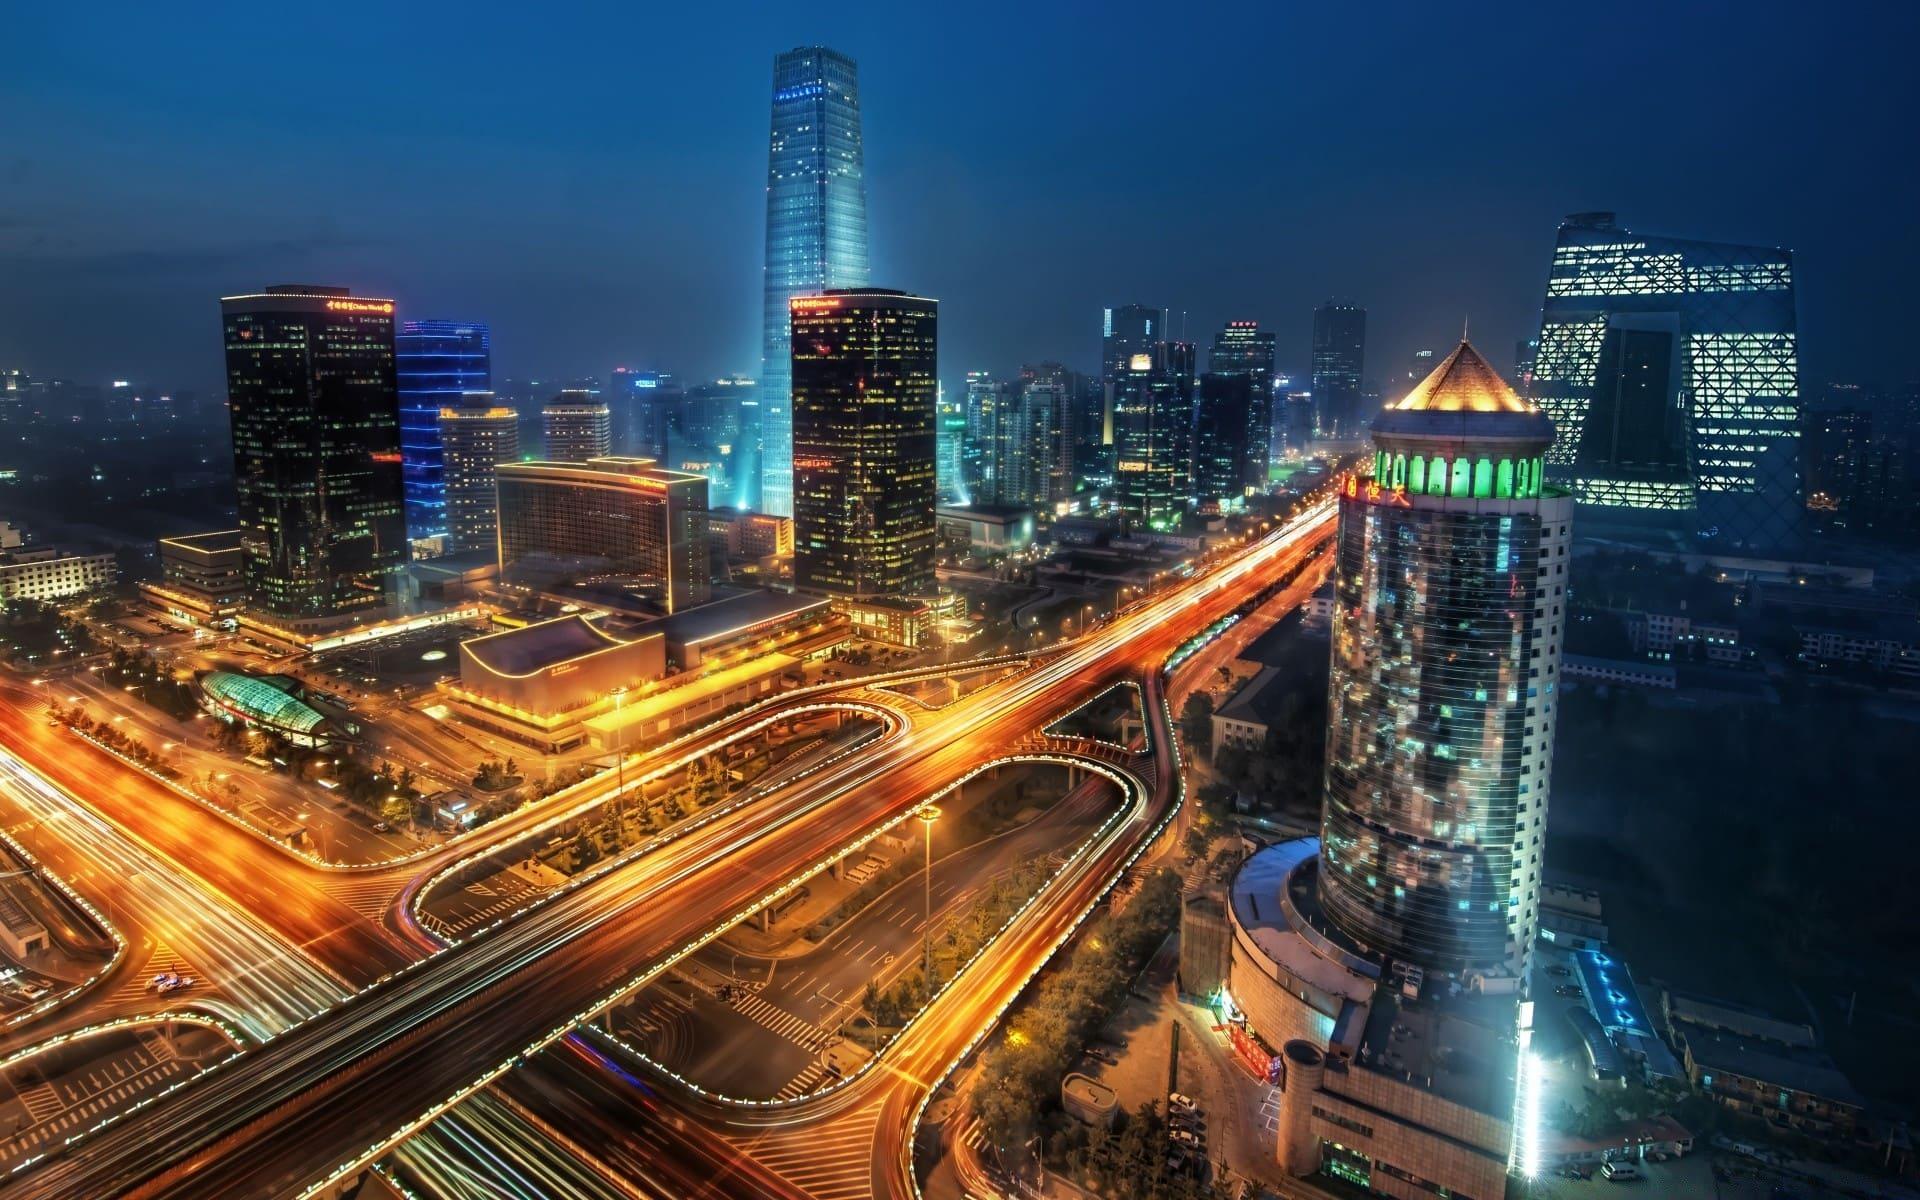 КНР VS ВОЗ: в Китае против, чтобы на их территории вновь искали возможный источник COVID-19